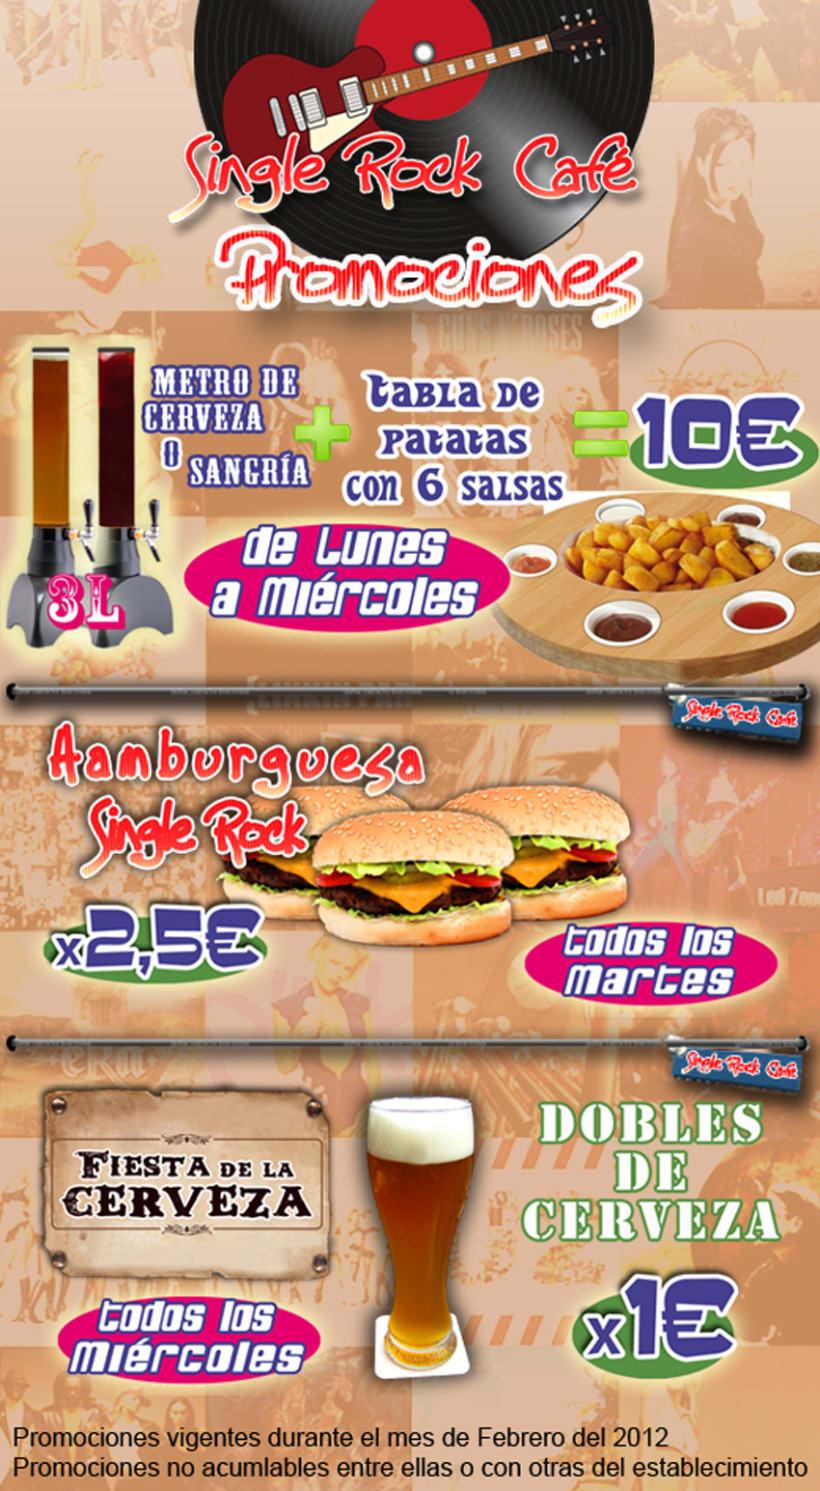 Single Rock Café 6